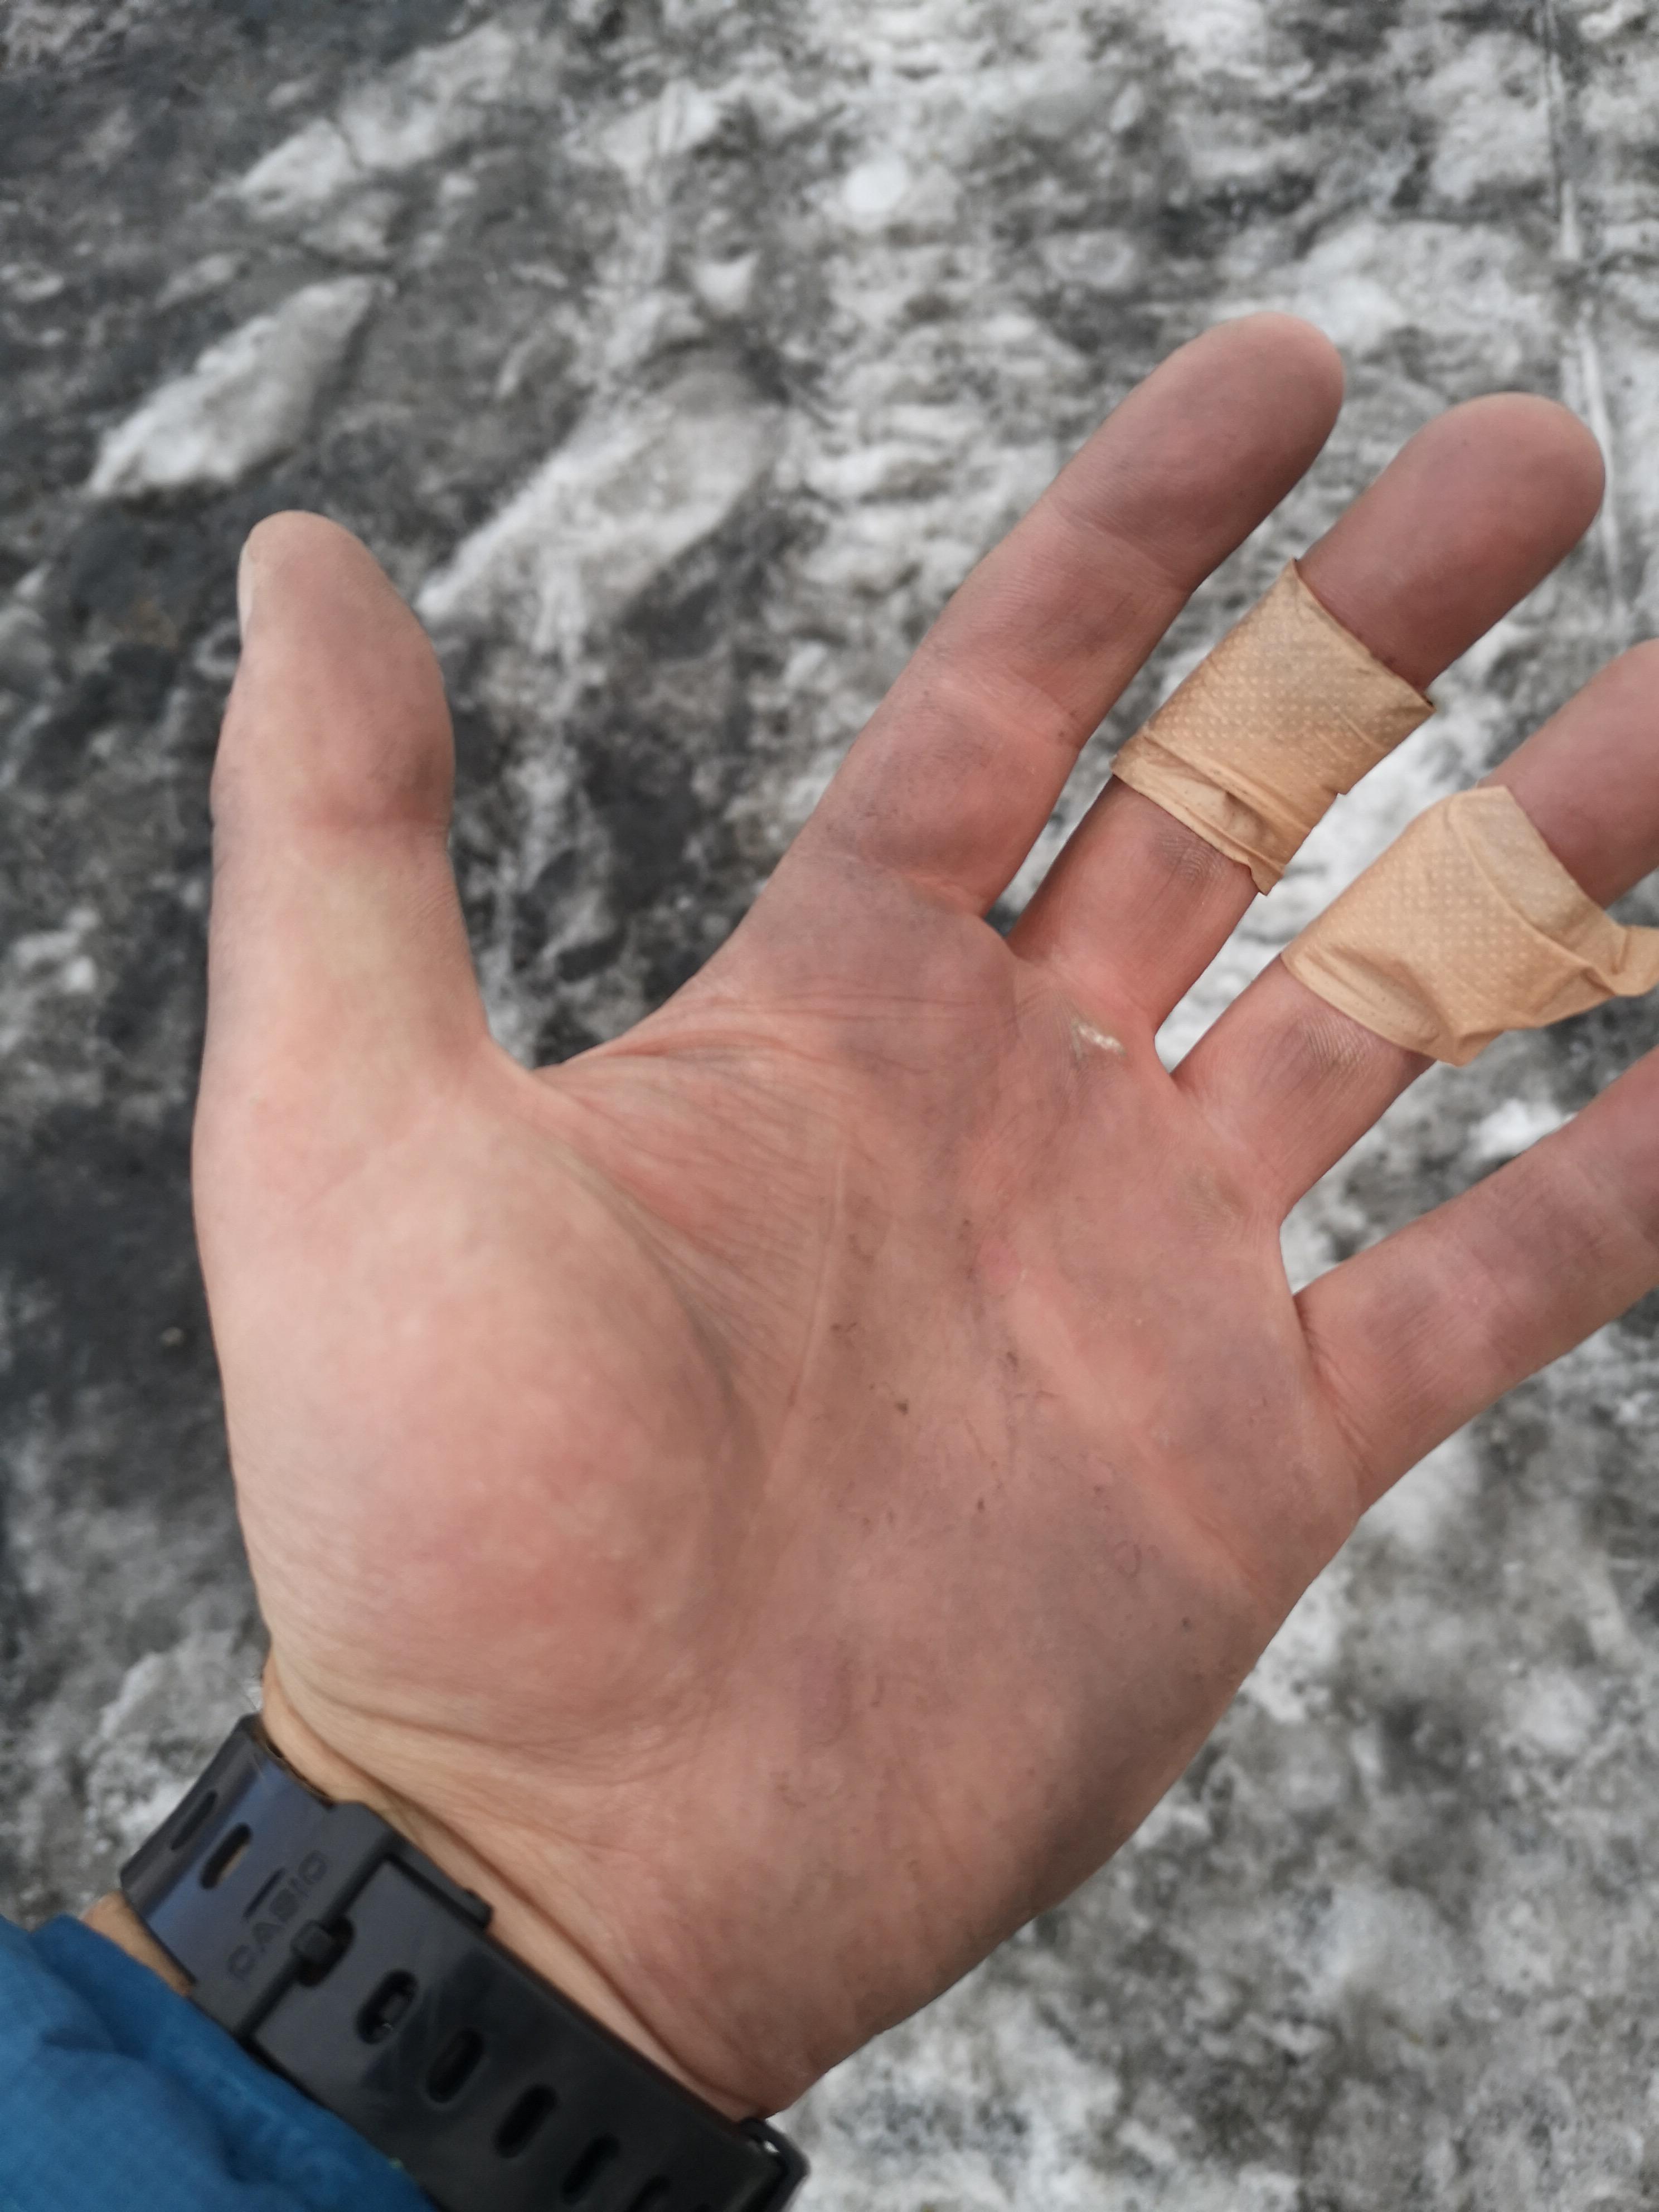 moje ręce po ferracie der Johann (zapomniałem rękawiczek)